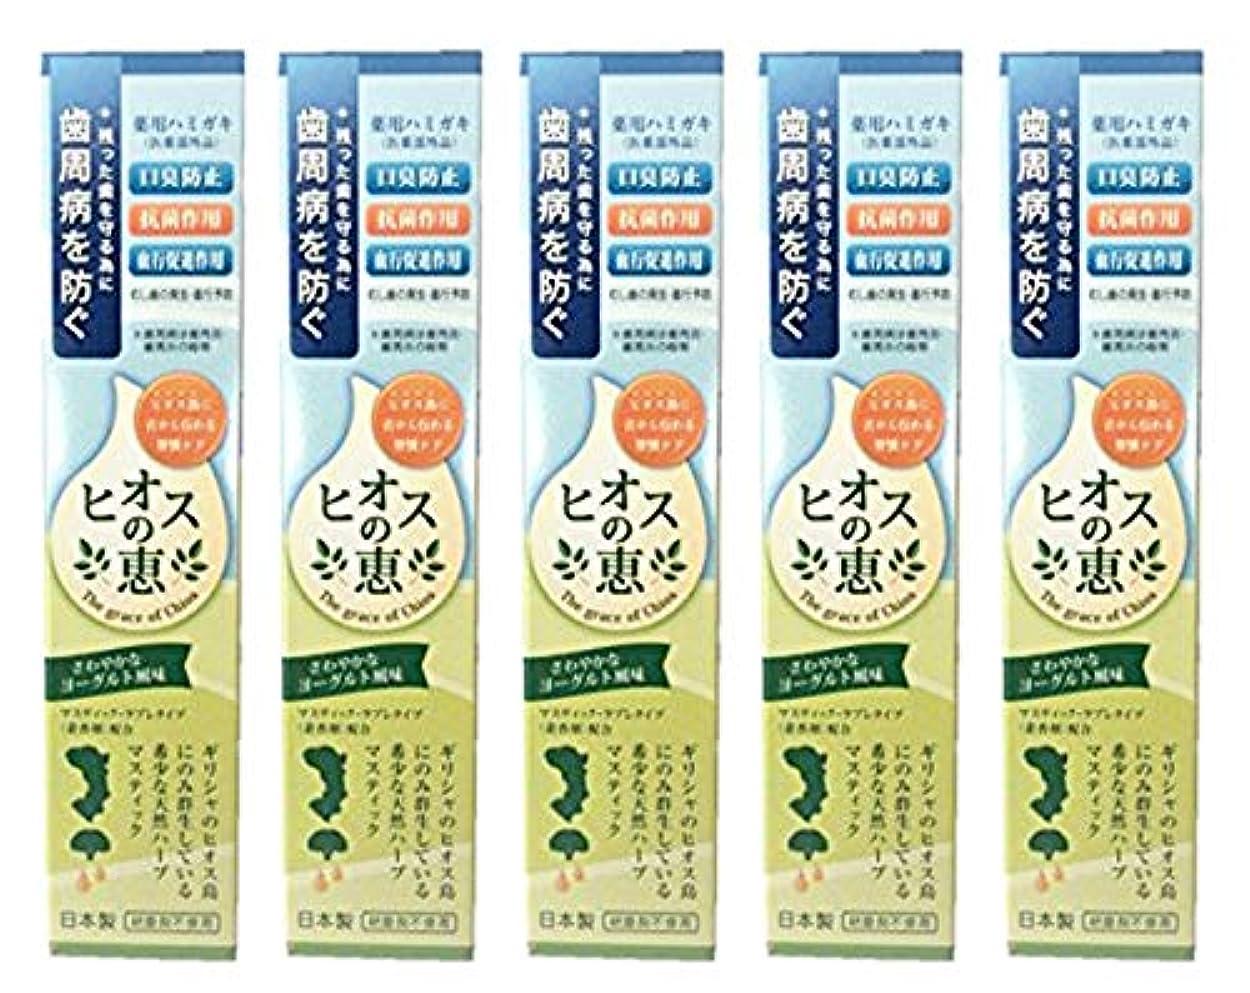 つぶやき放送こねるヒオスの恵 60g 【まとめ買い1個60g×5個】薬用ハミガキ 日本製